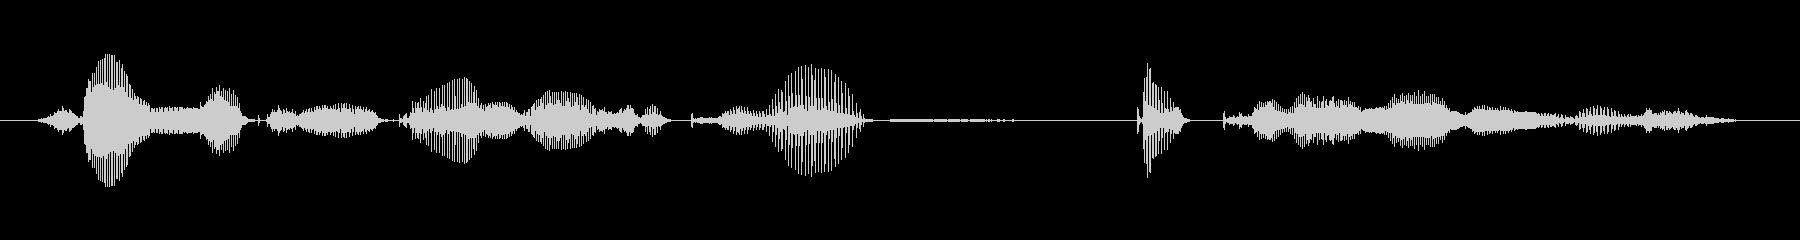 【誕生石】3月の誕生石は、アクアマリン…の未再生の波形